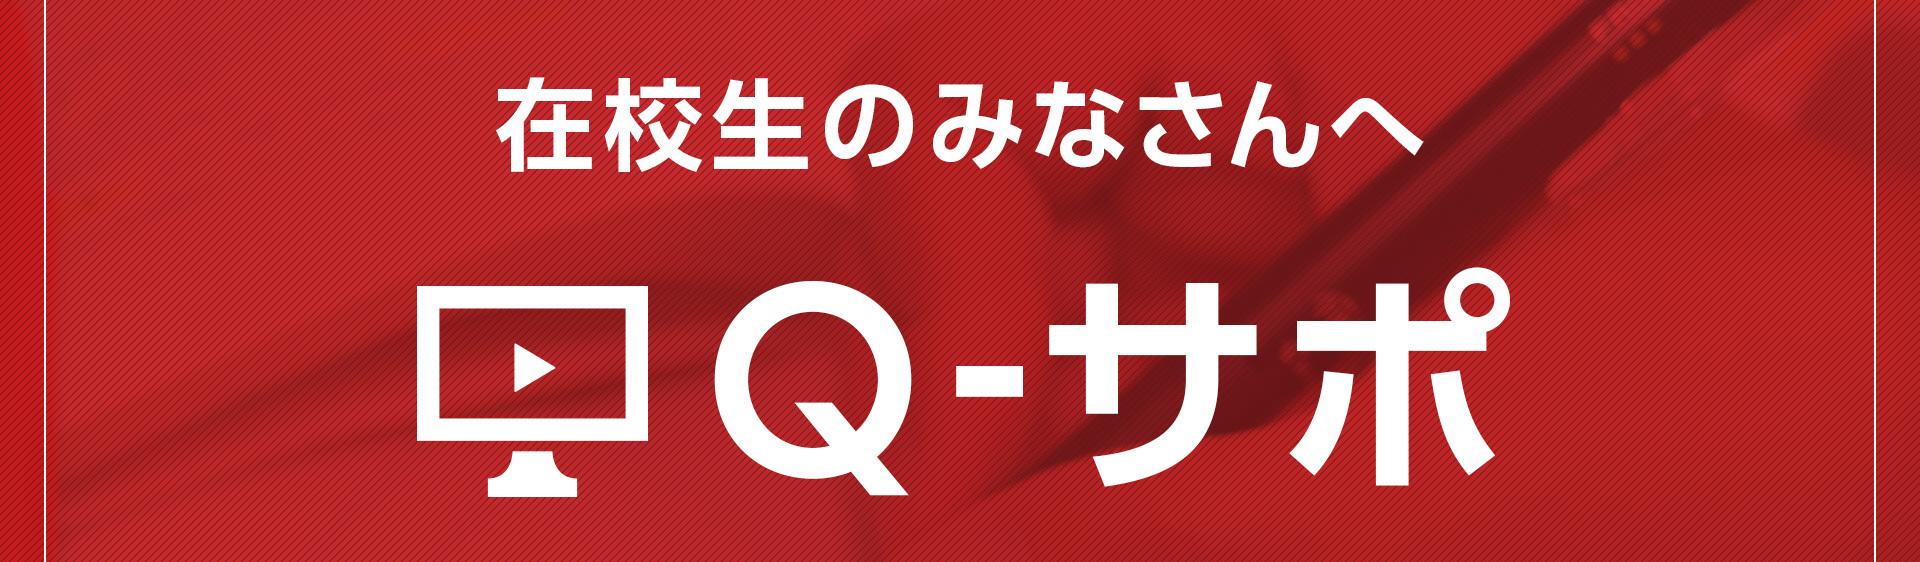 Qサポ紹介ページ